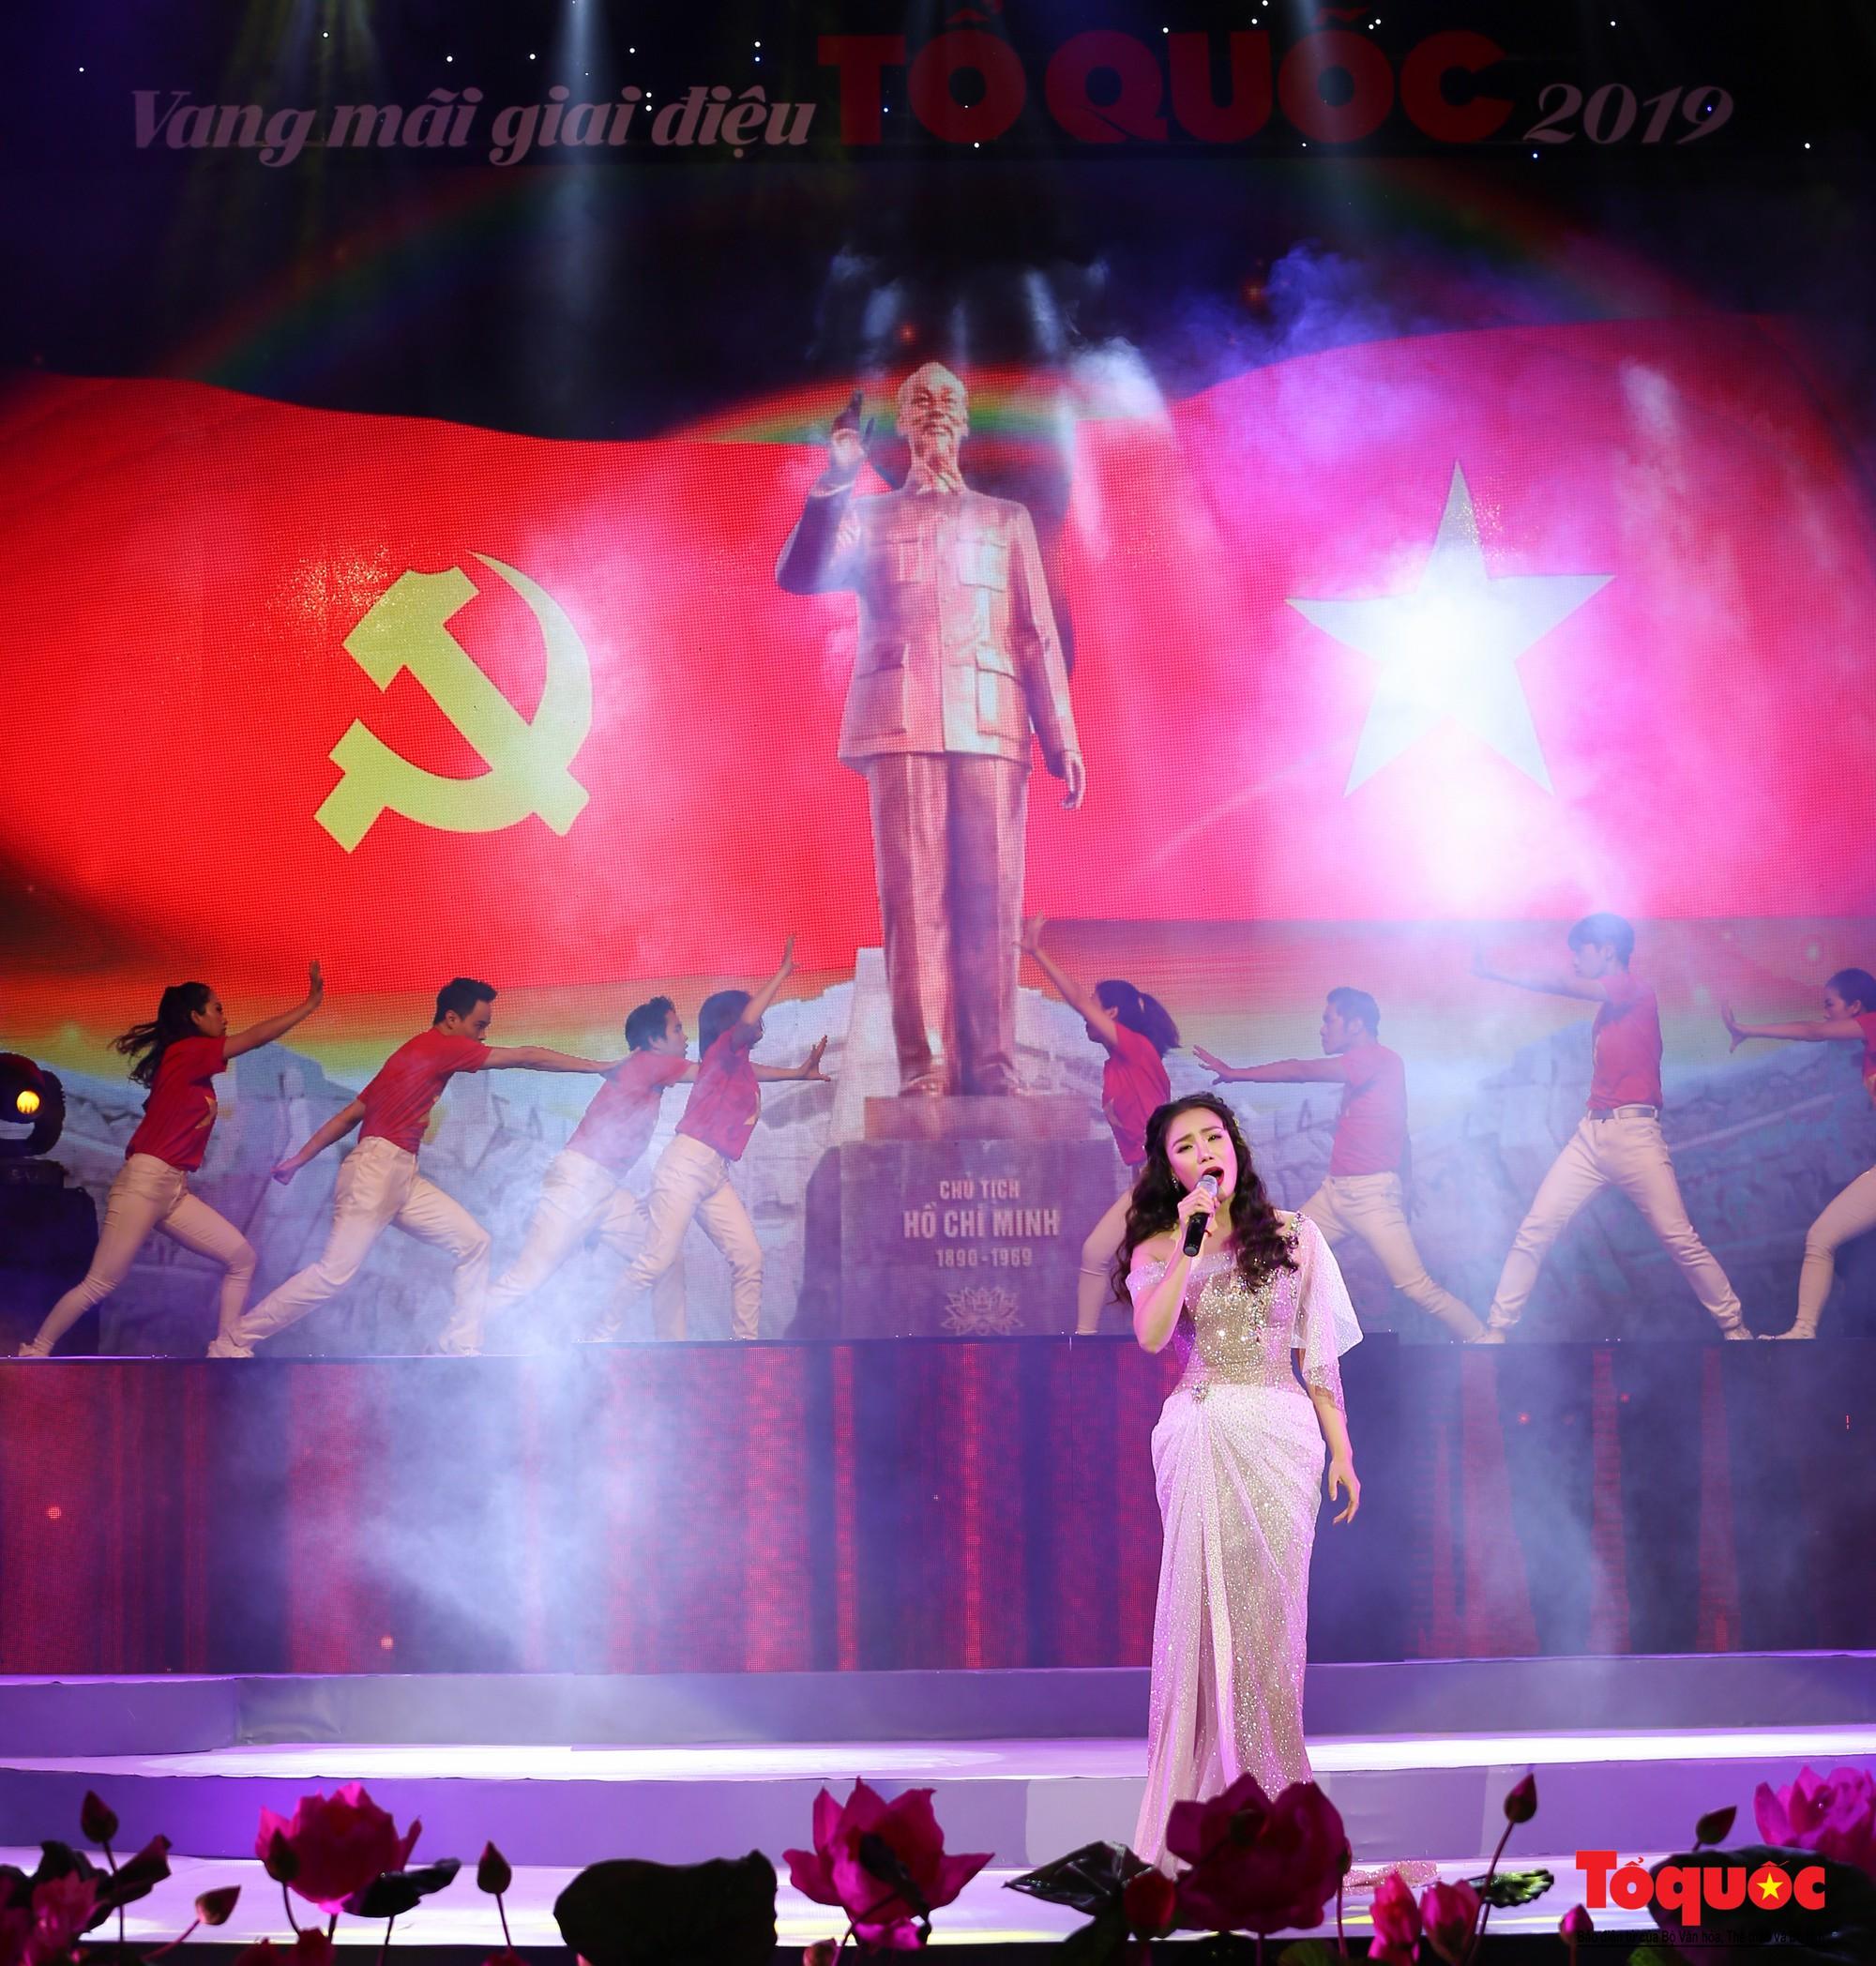 Vang mãi giai điệu Tổ Quốc 2019